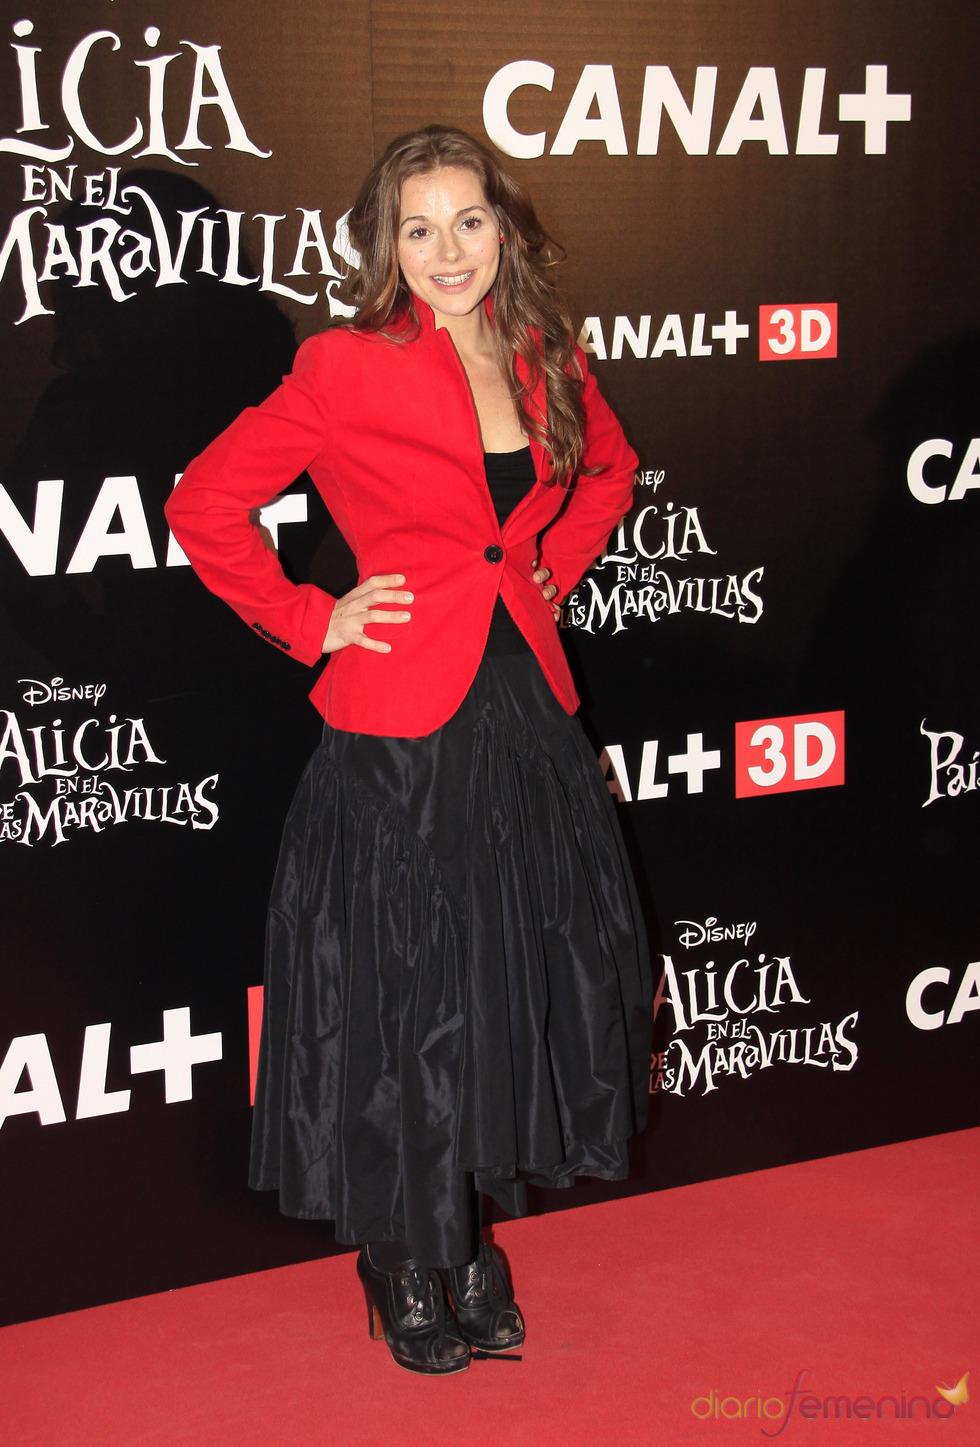 Miryam Gallego en el estreno de 'Alicia en el país de las maravillas'